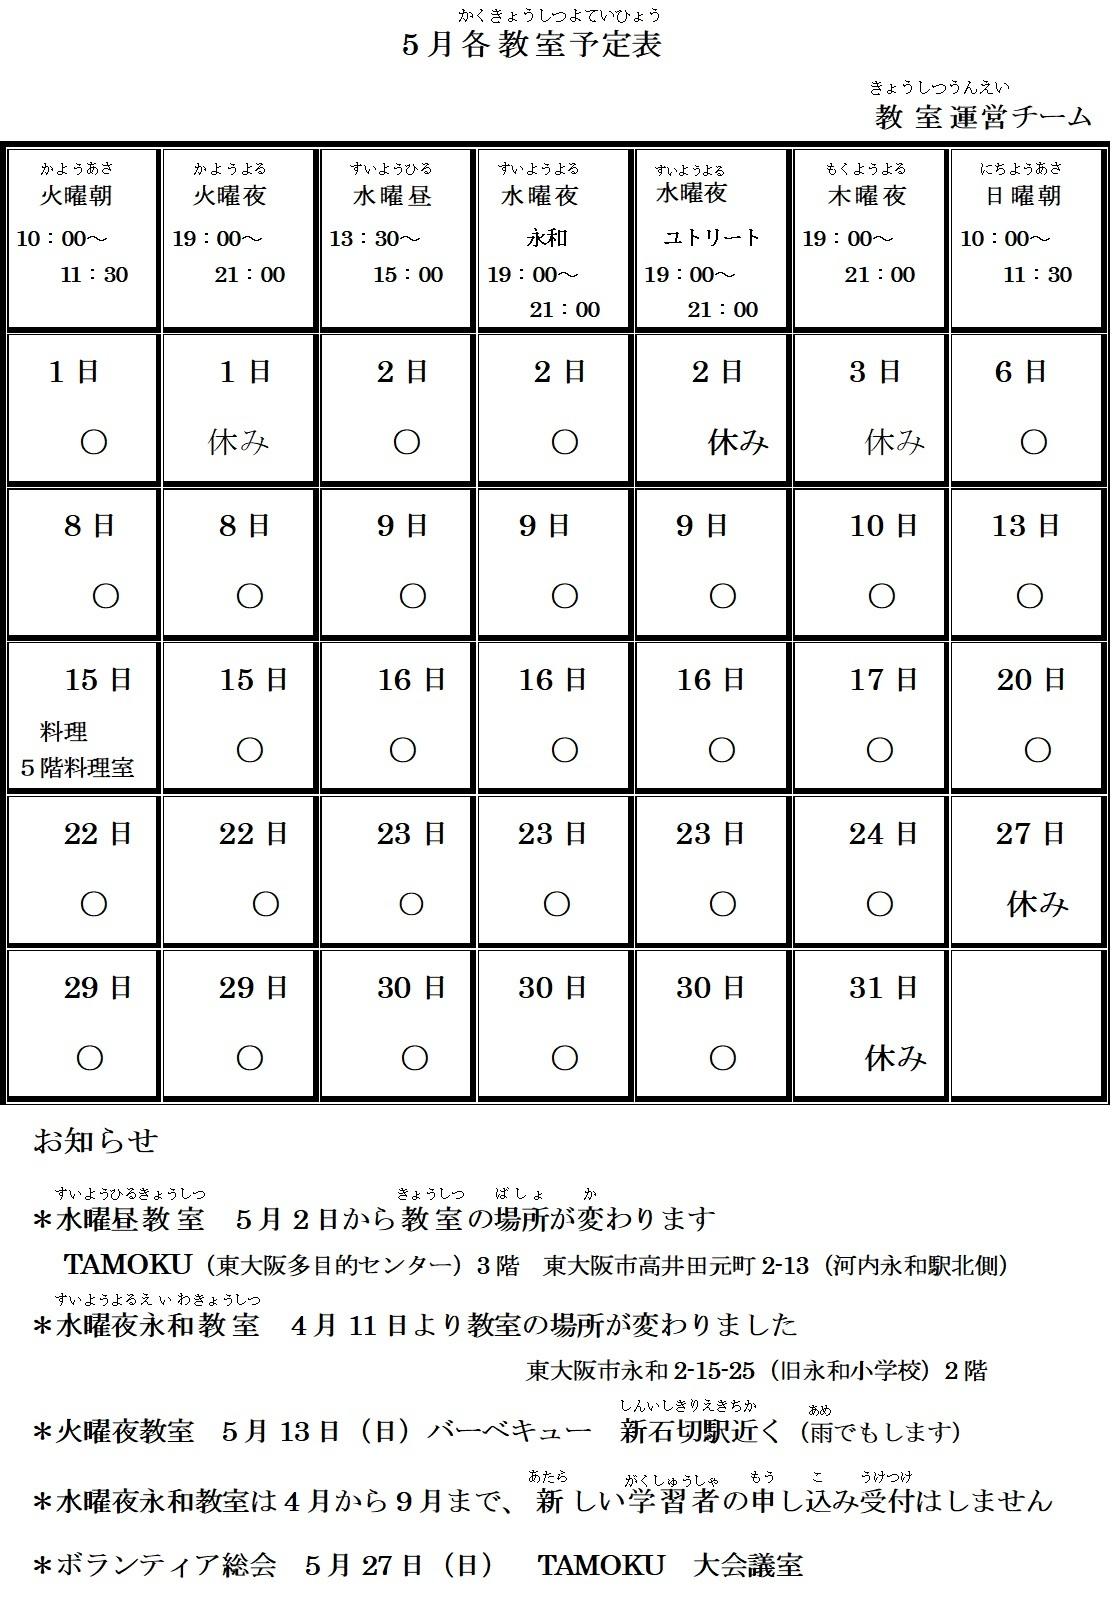 5月の各教室予定表_e0175020_10233504.jpg